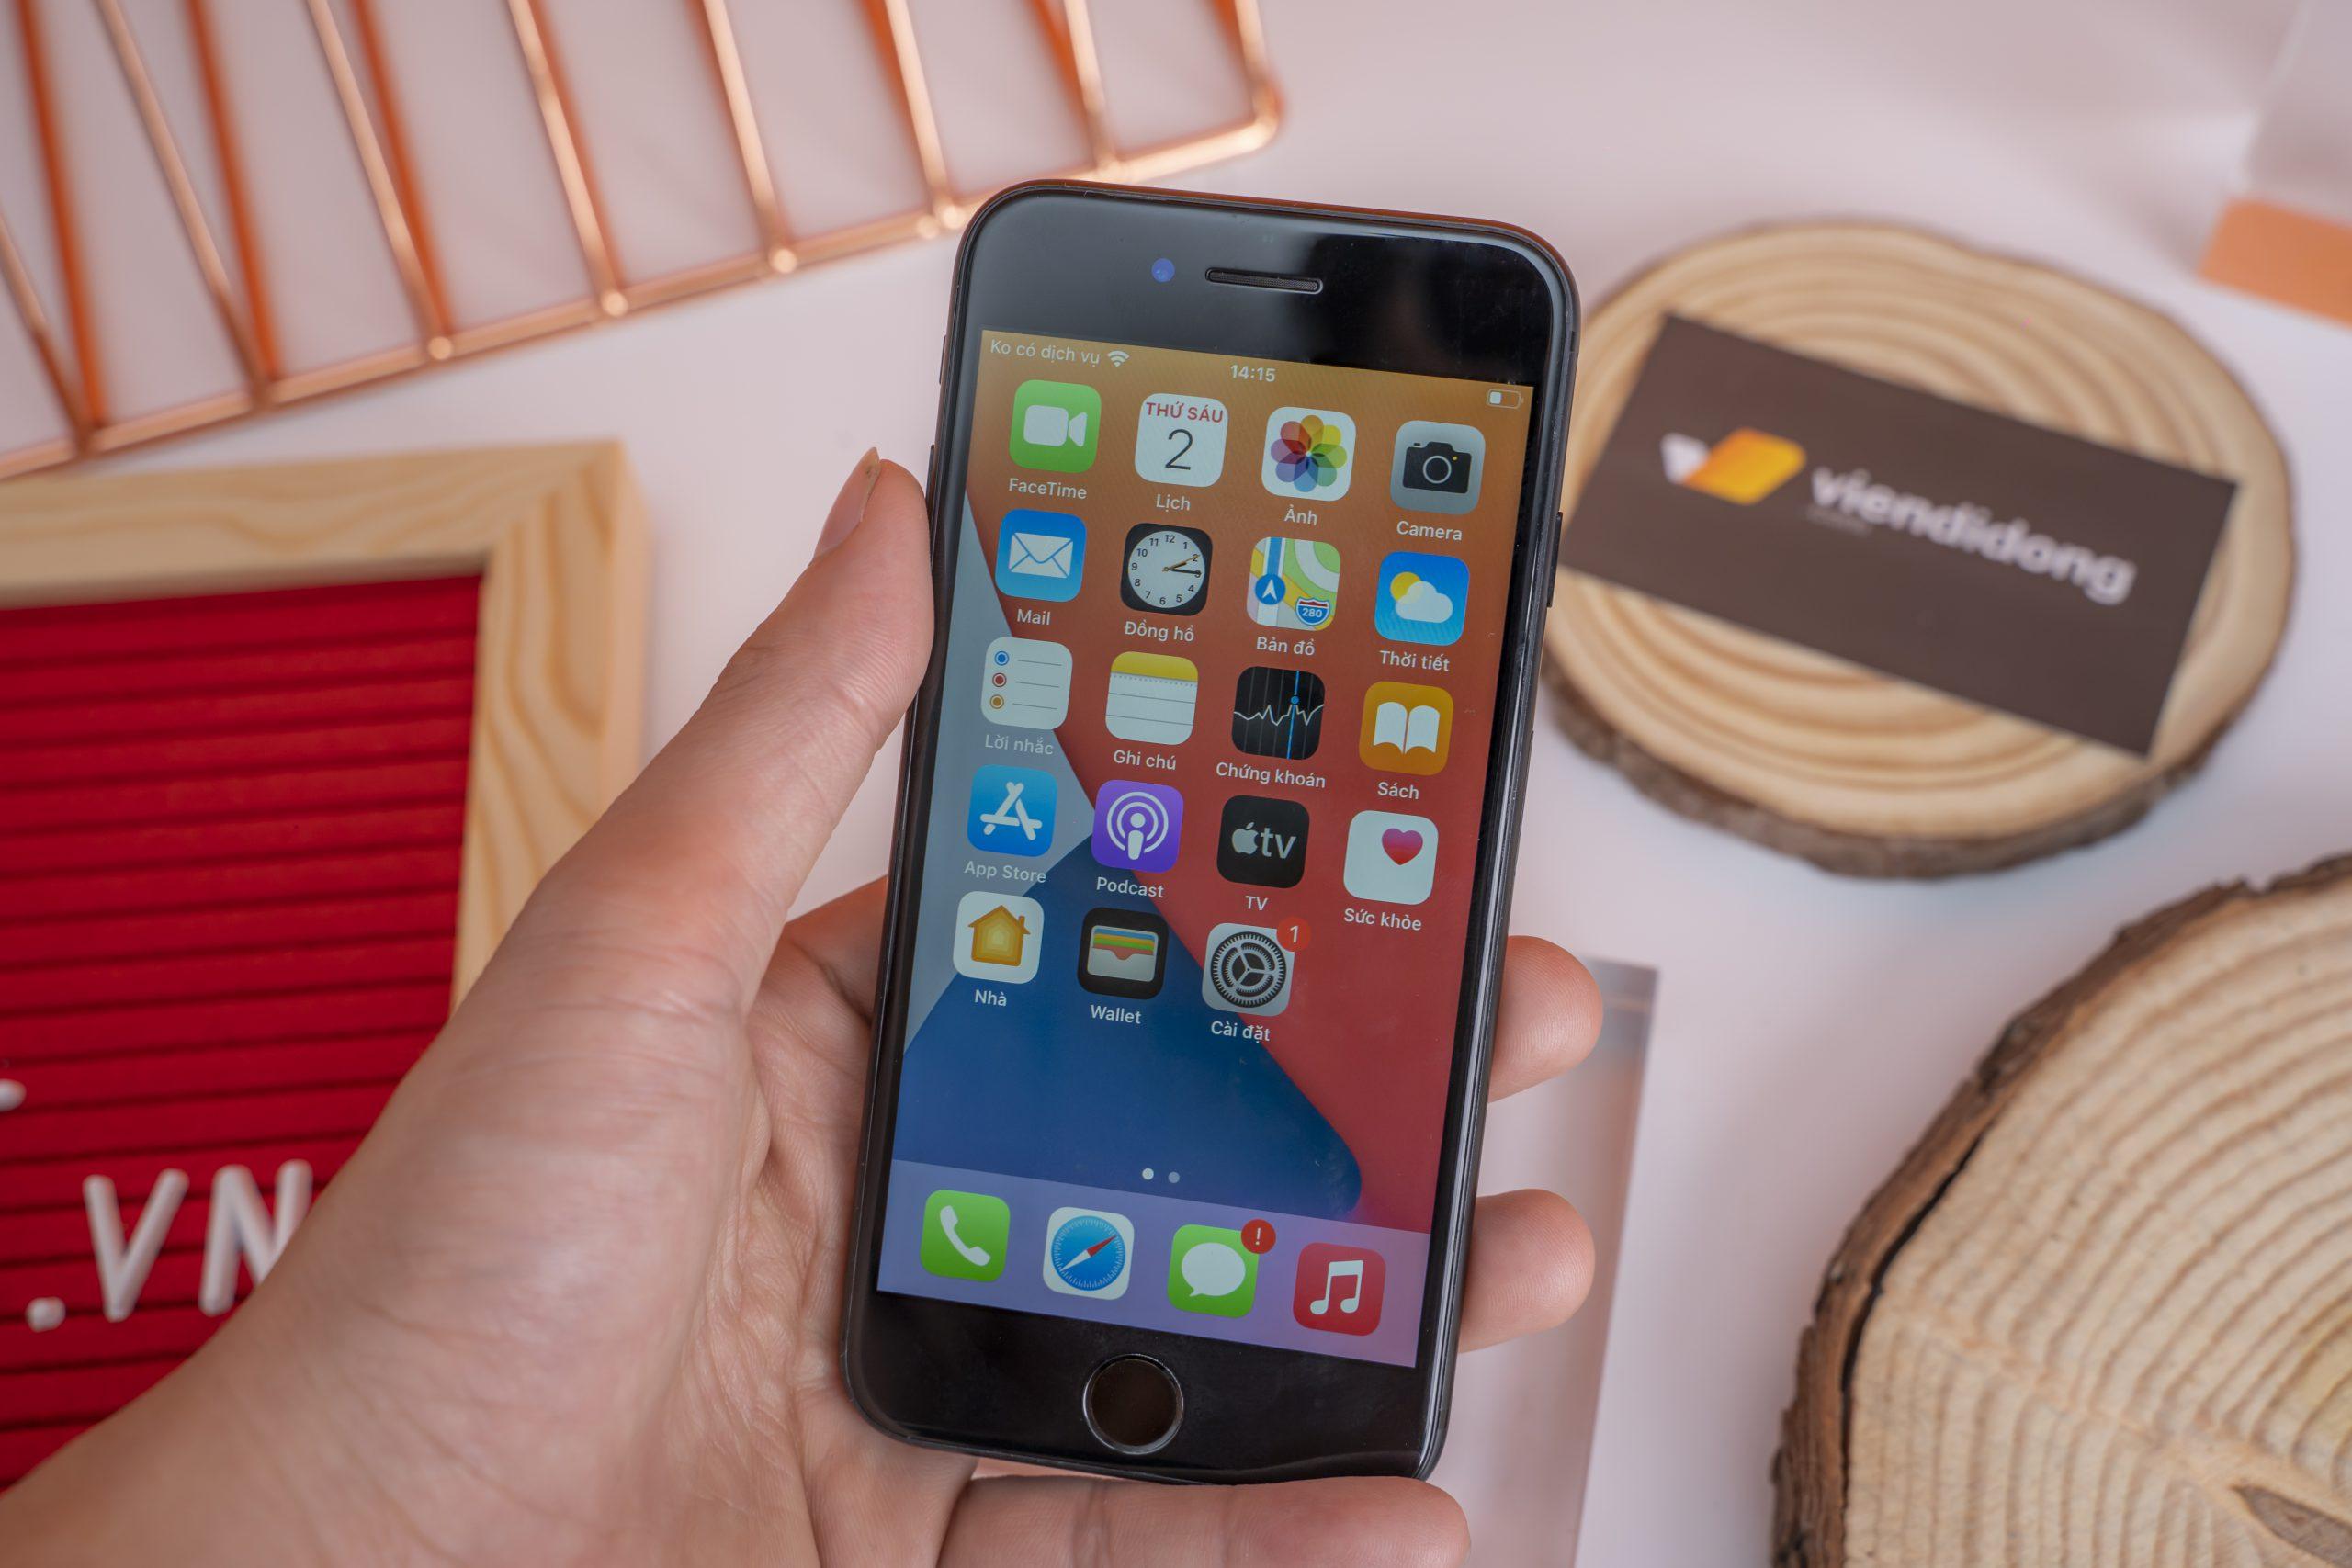 Màn hình iPhone 7 32GB là tấm nền IPS LCD 4,7 inch và độ phân giải 750 x 1334 pixels mang đến khả năng hiển thị sắc nét.